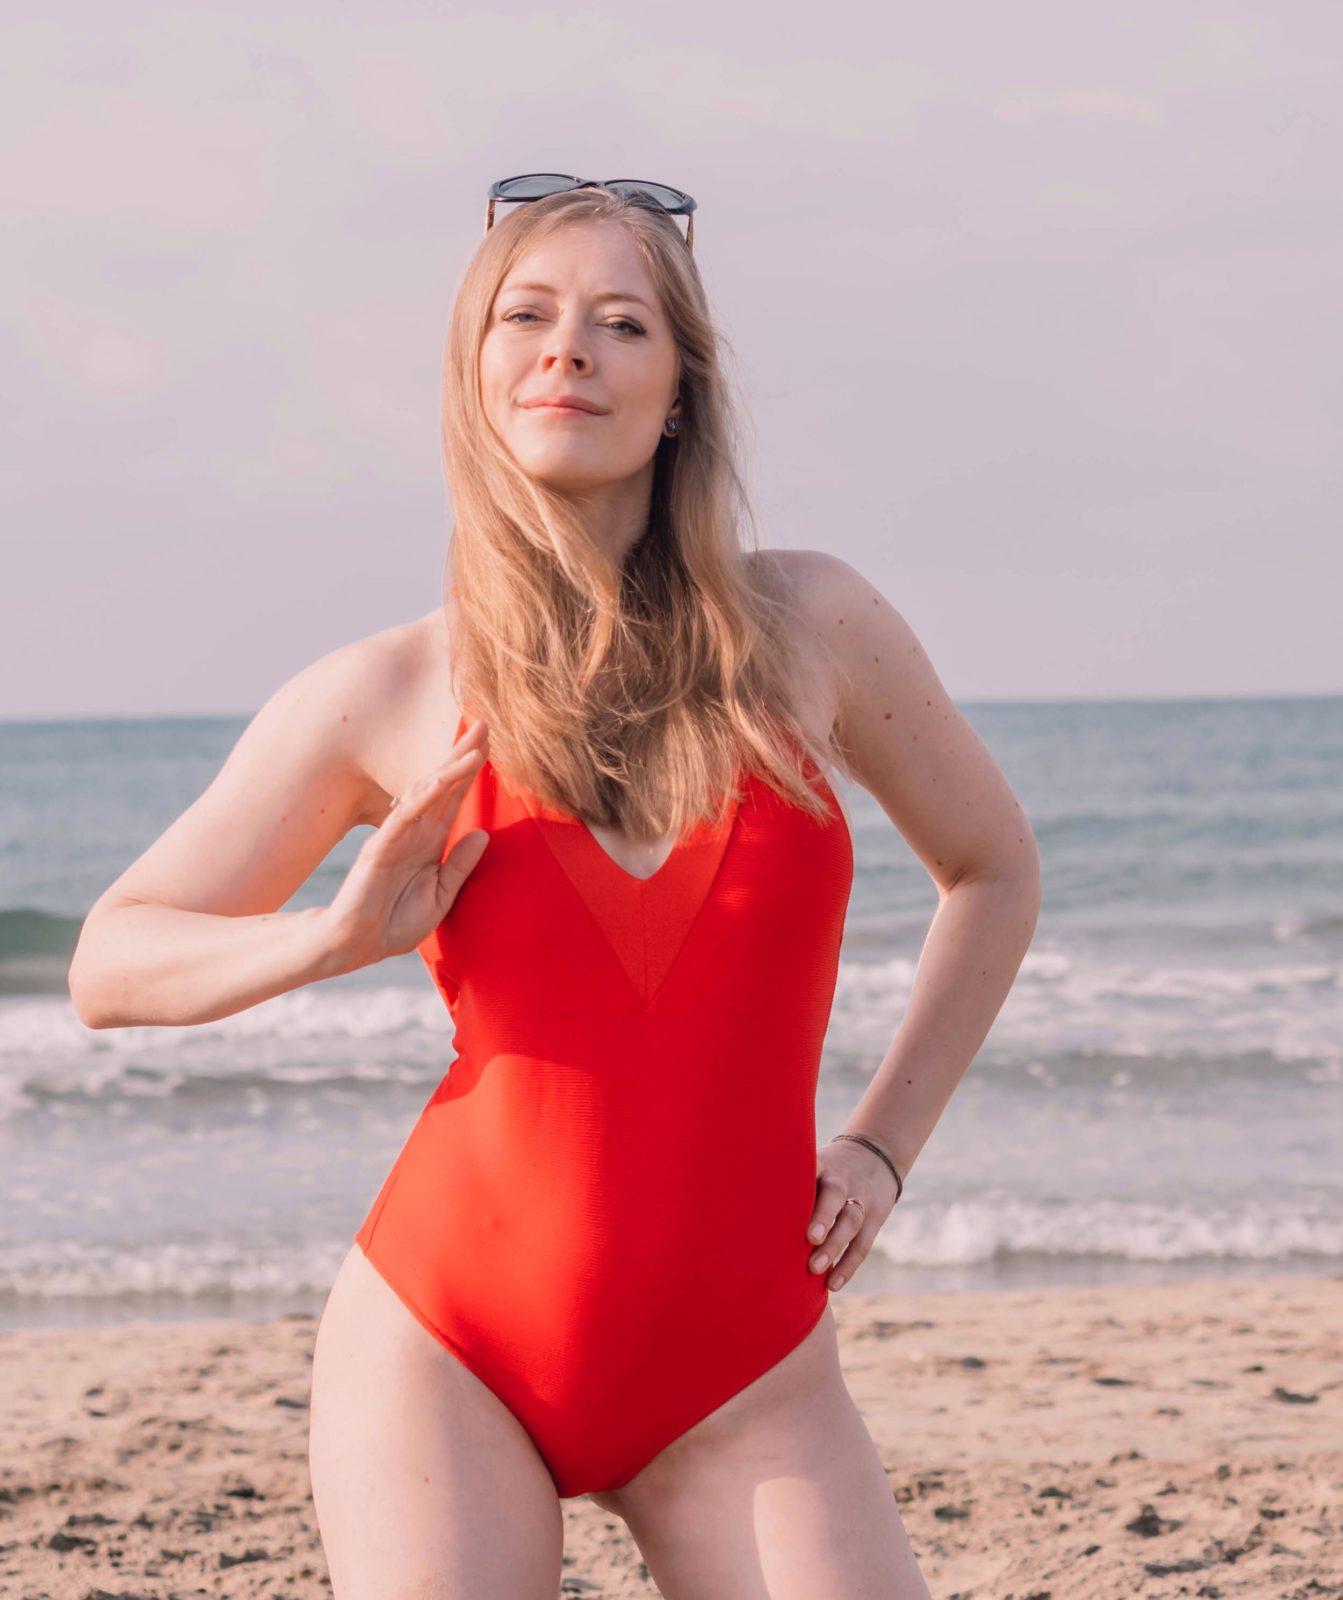 Ile musiałam schudnąć, żeby dobrze wyglądać w kostiumie kąpielowym?